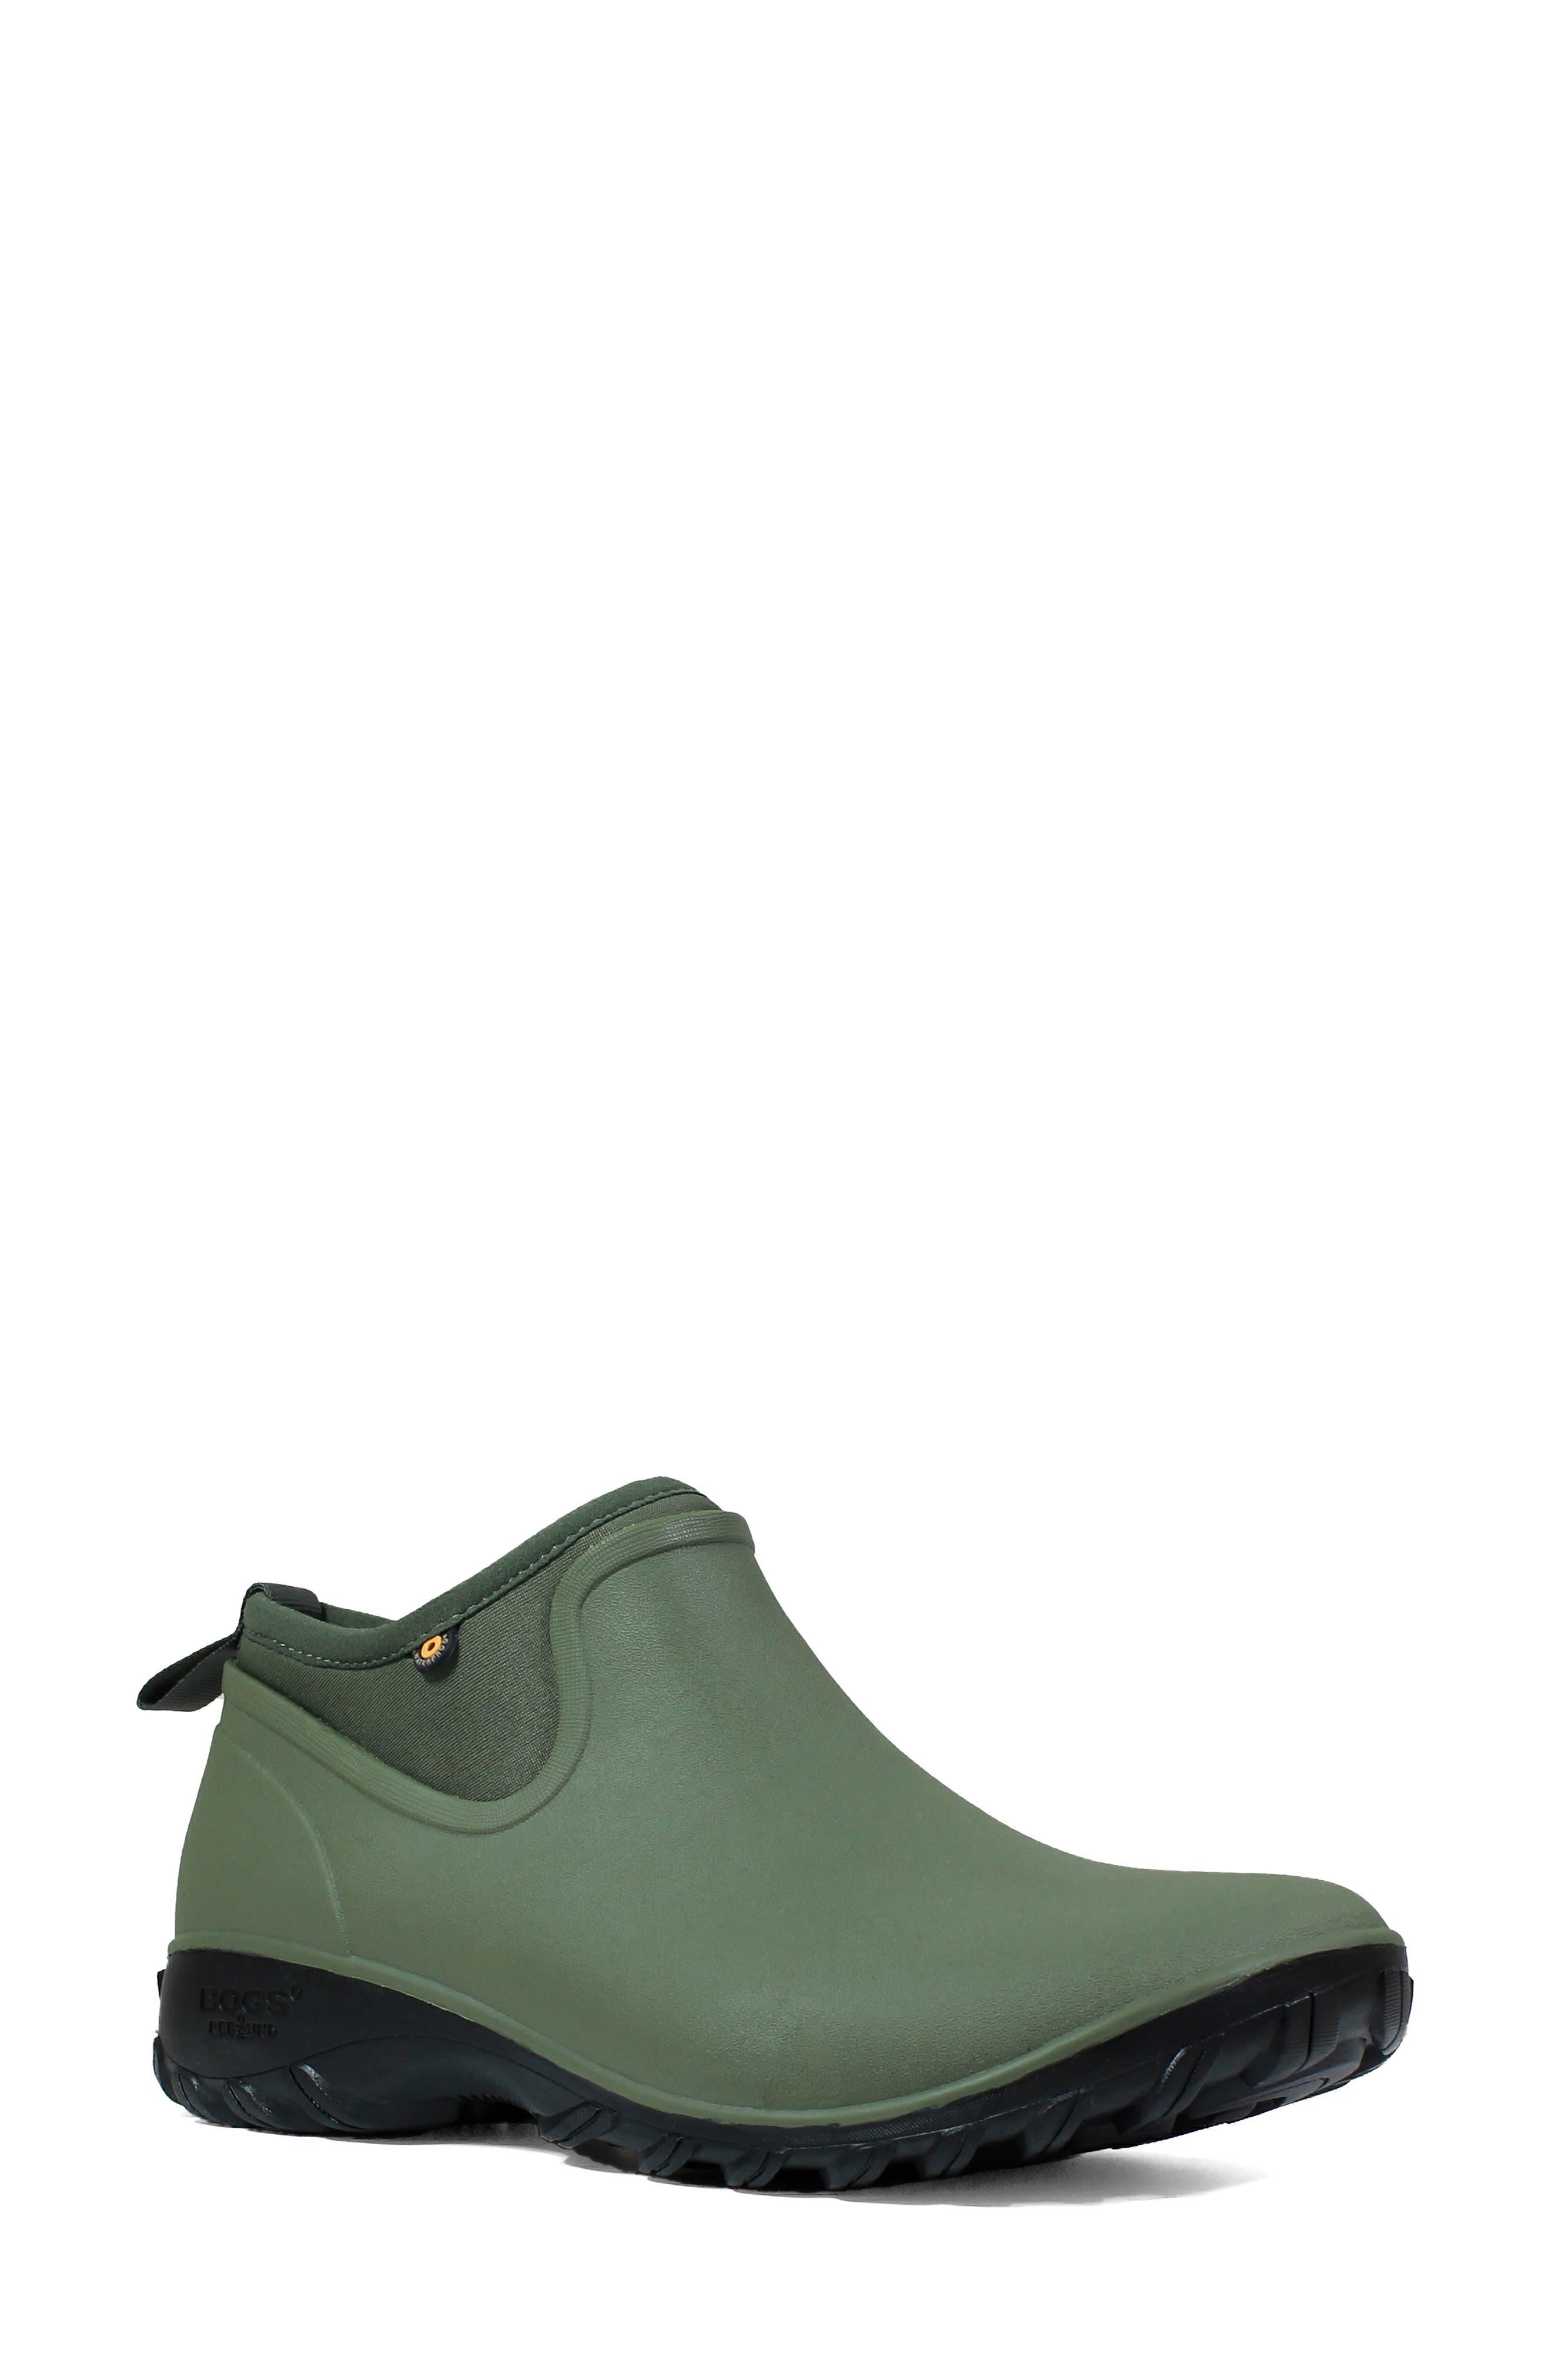 Sauvie Insulated Rain Boot